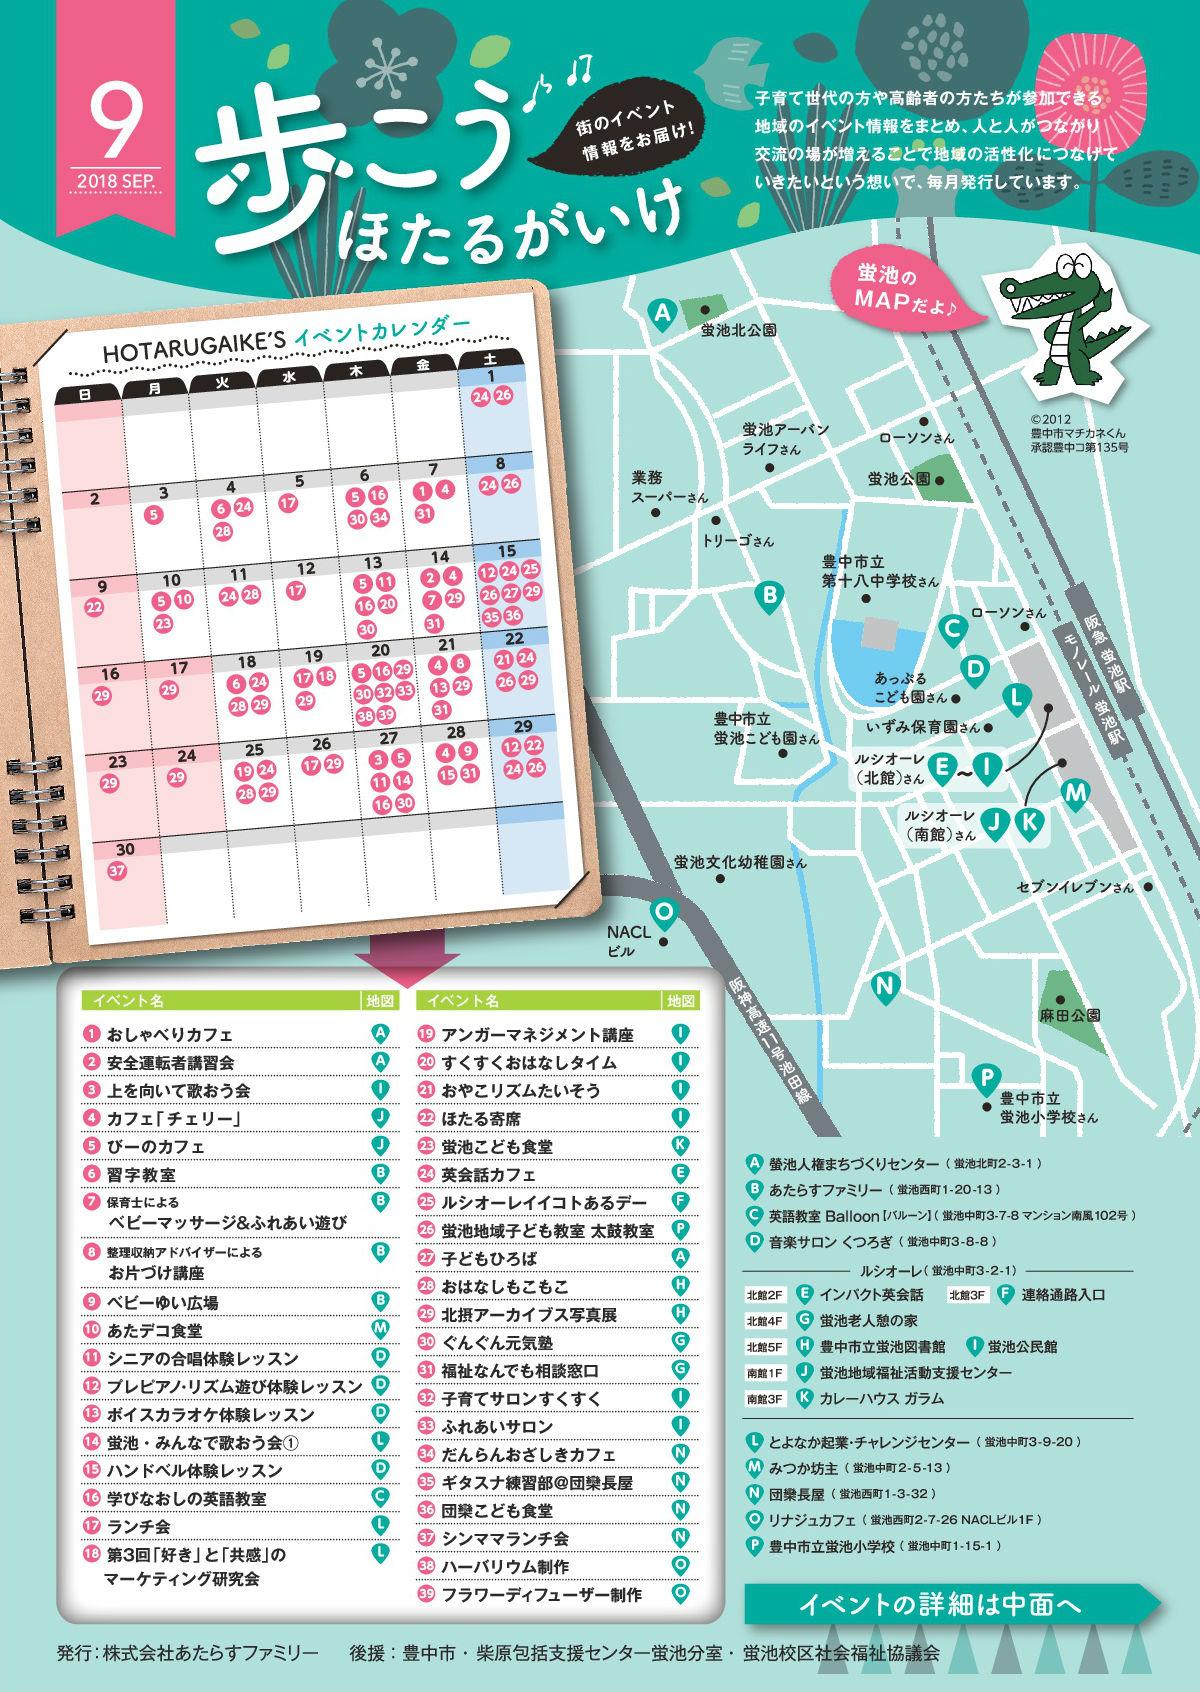 歩こう9月号map_3